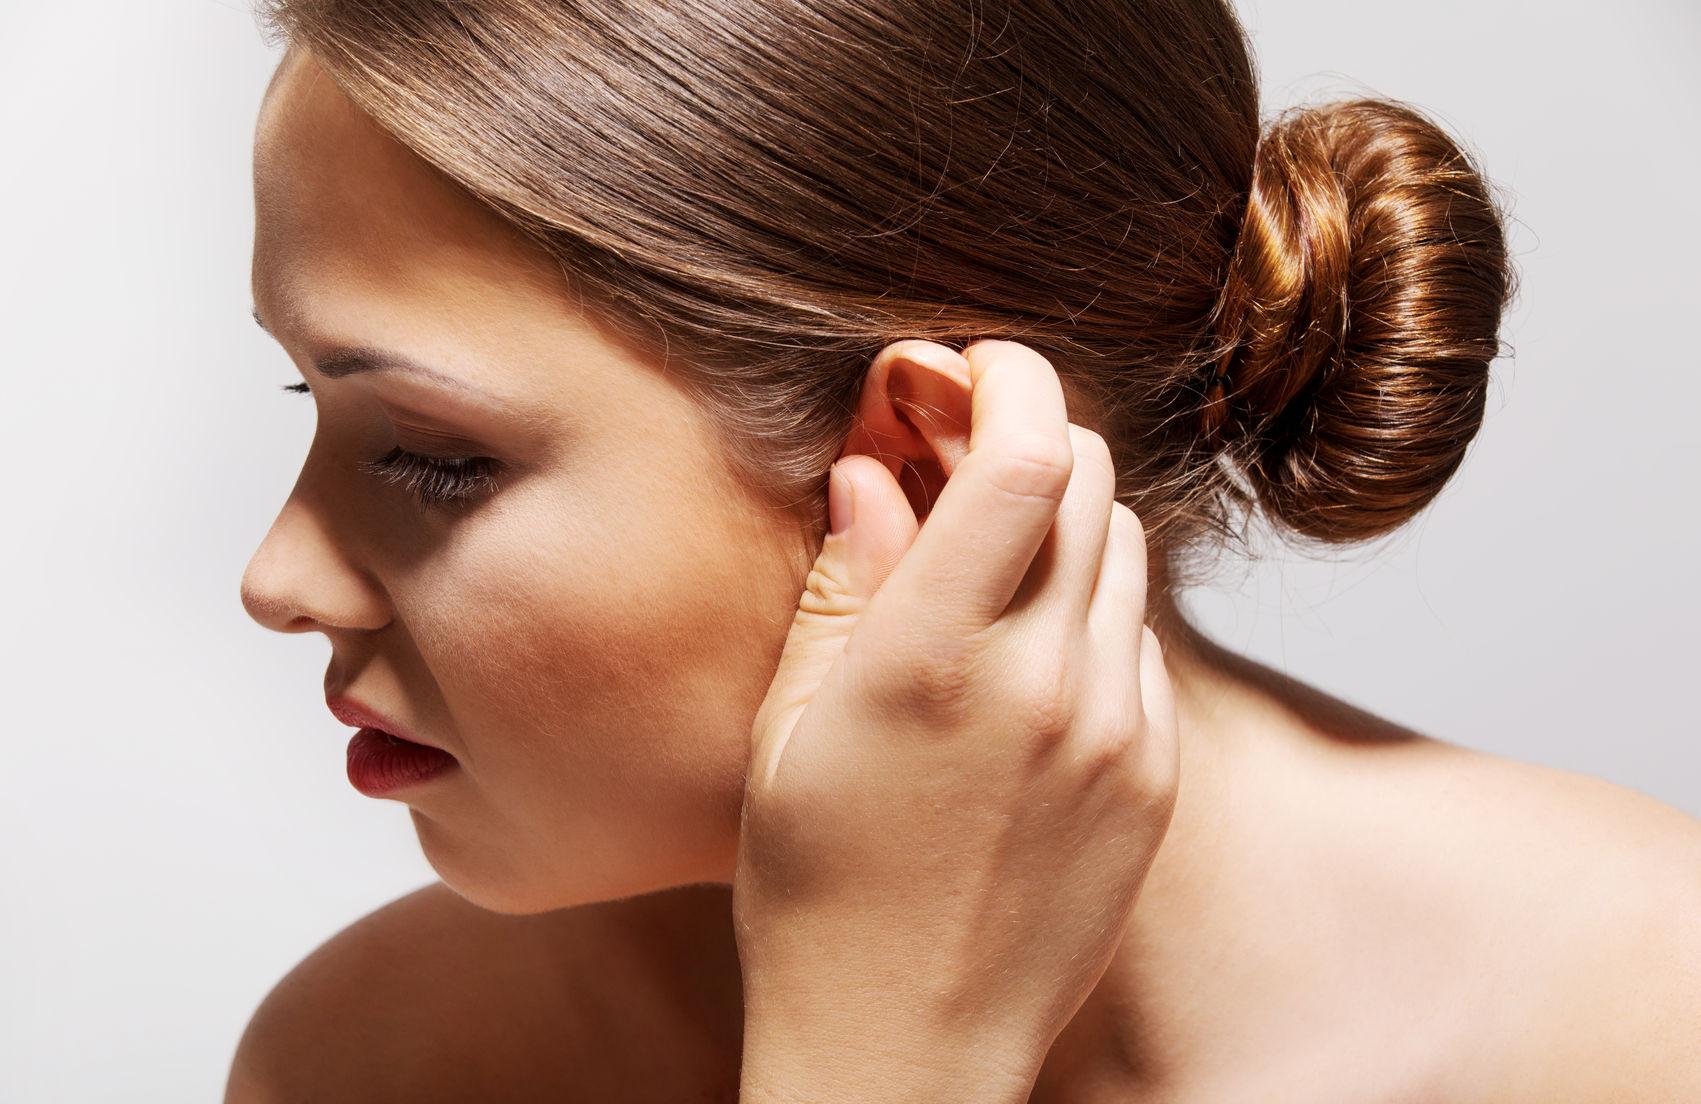 hogyan lehet enyhíteni a fej viszketését pikkelysömörrel)